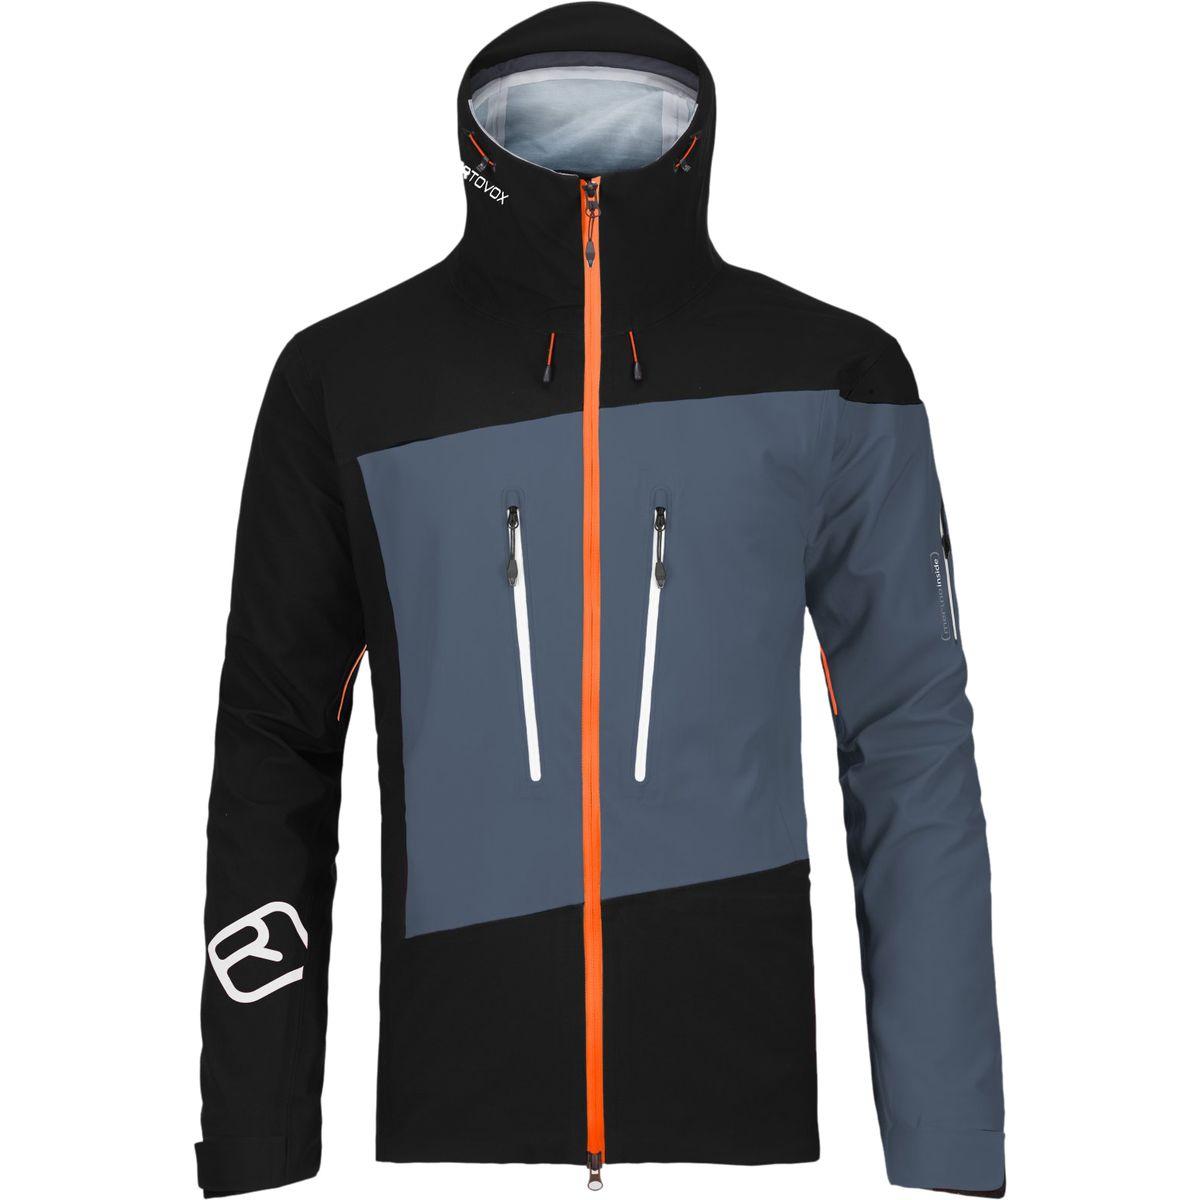 Ortovox Guardian Shell 3L Jacket - Men